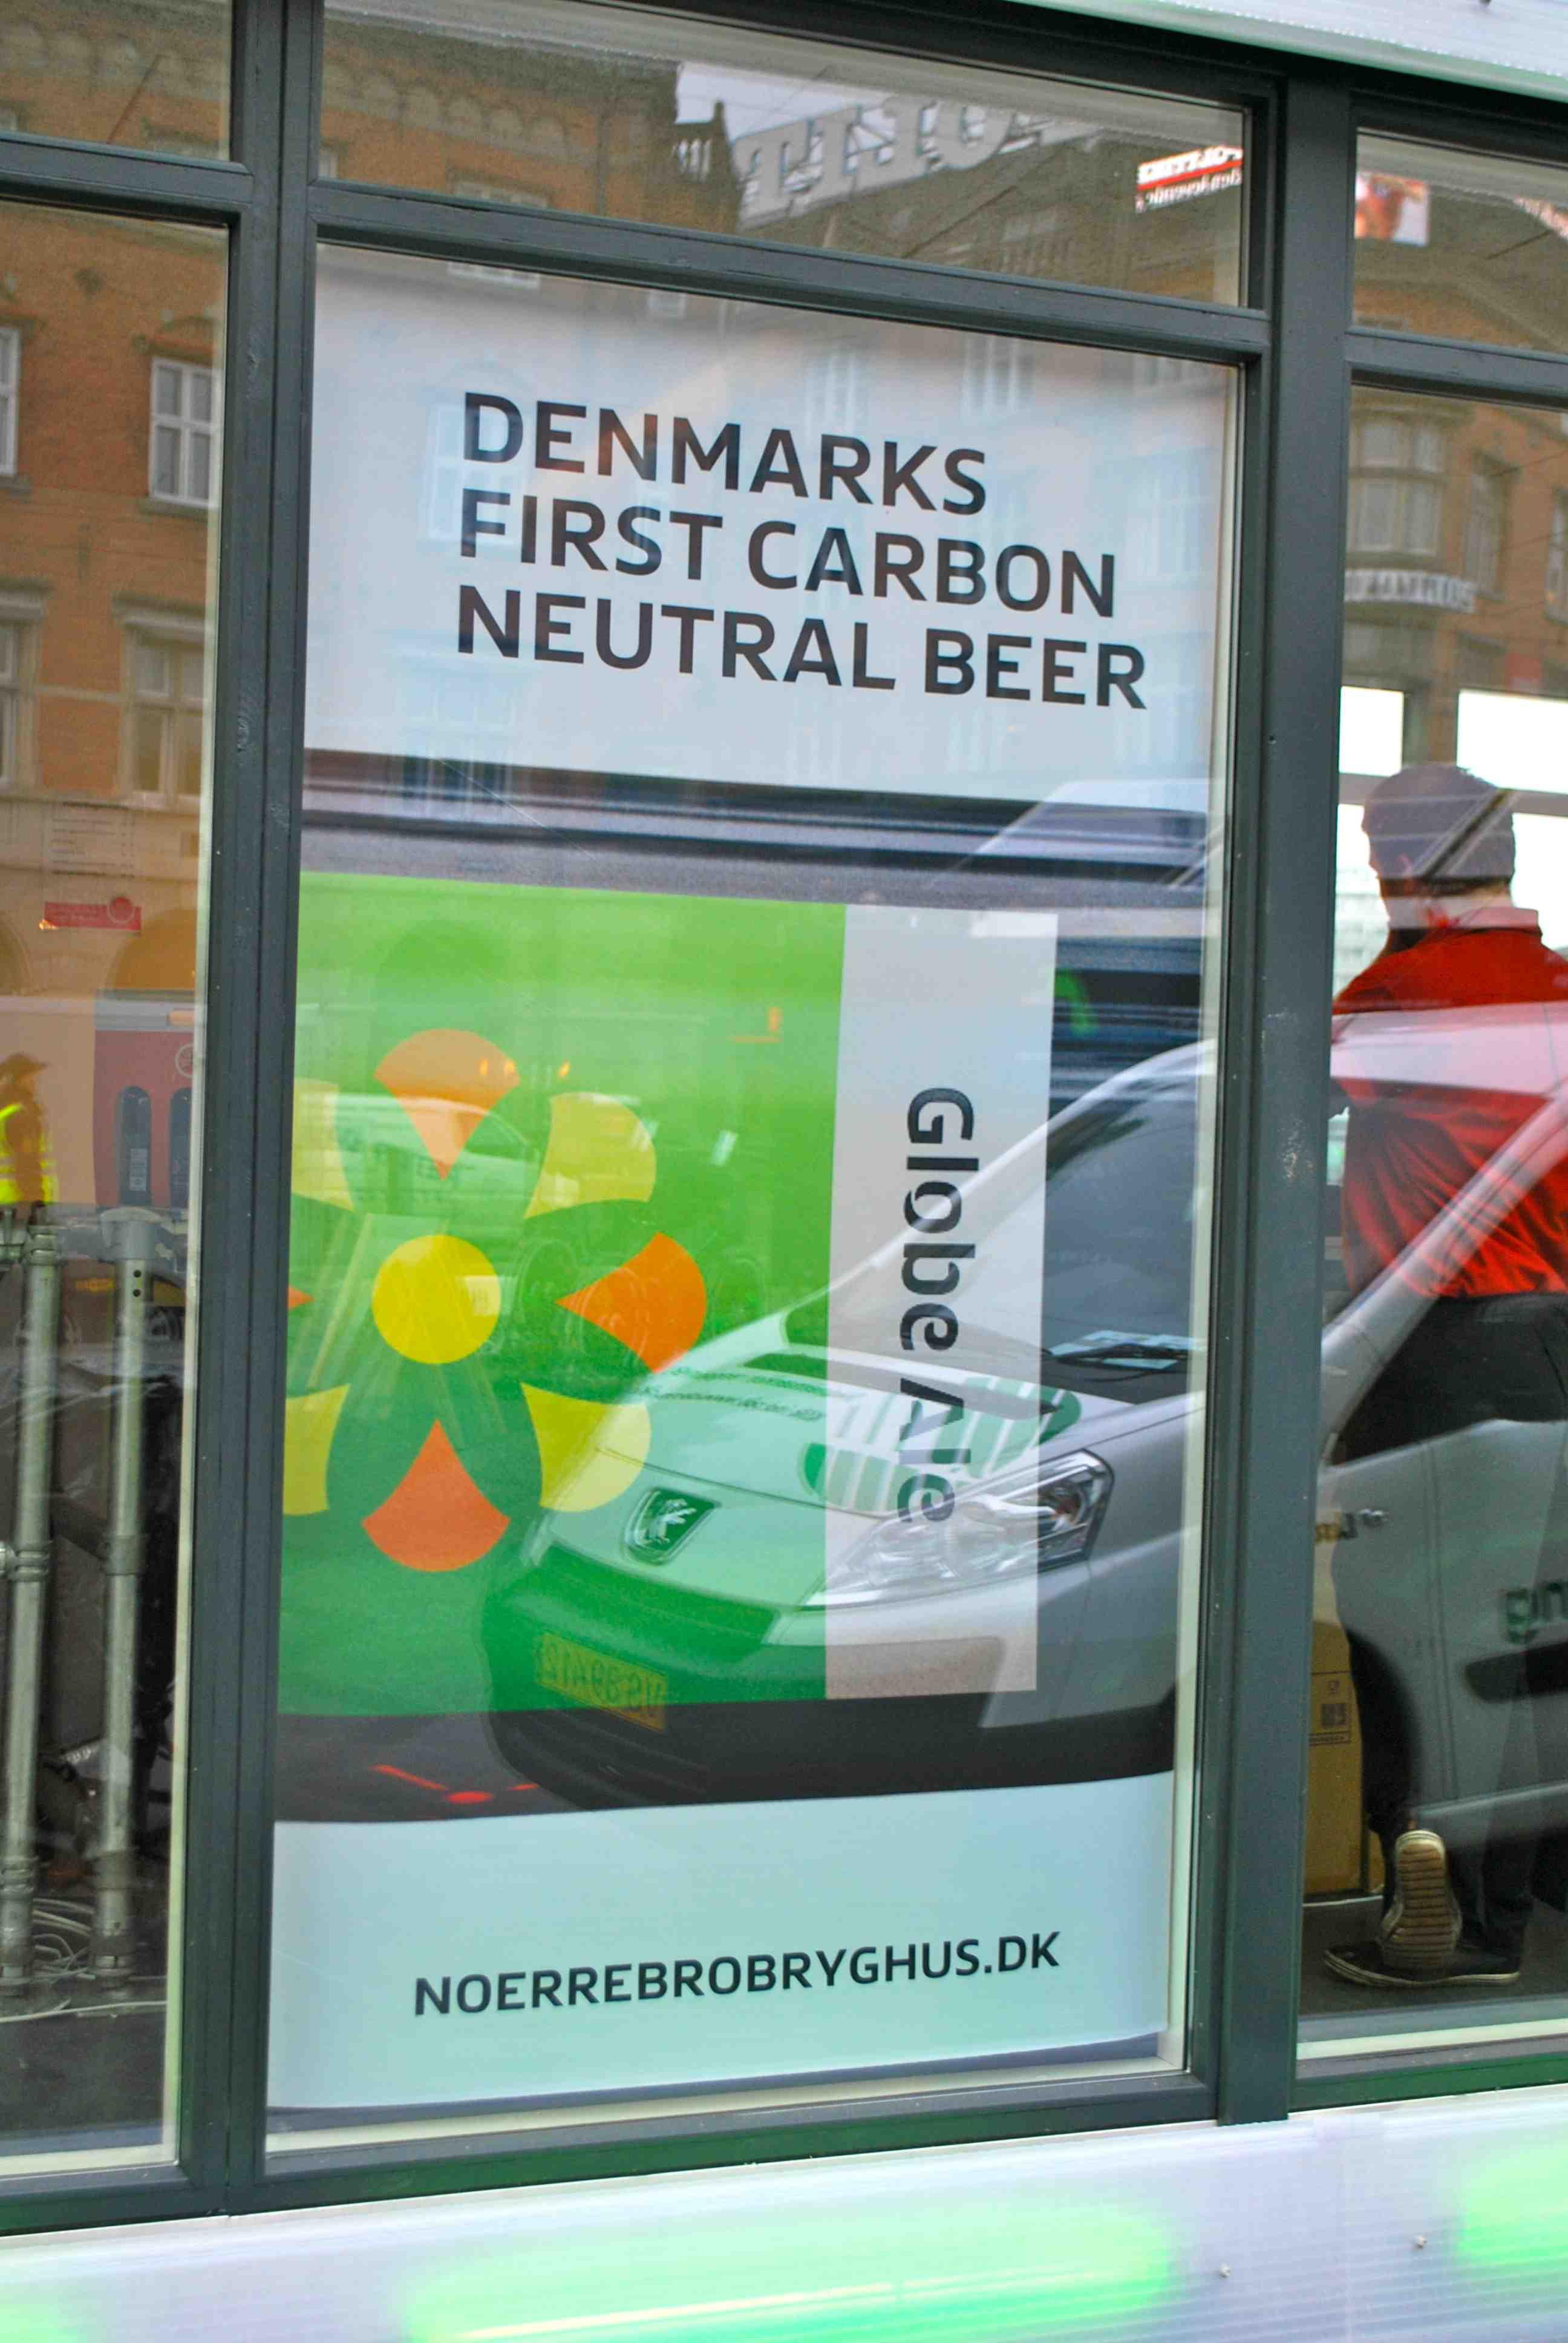 Världens första klimatneutrala öl.